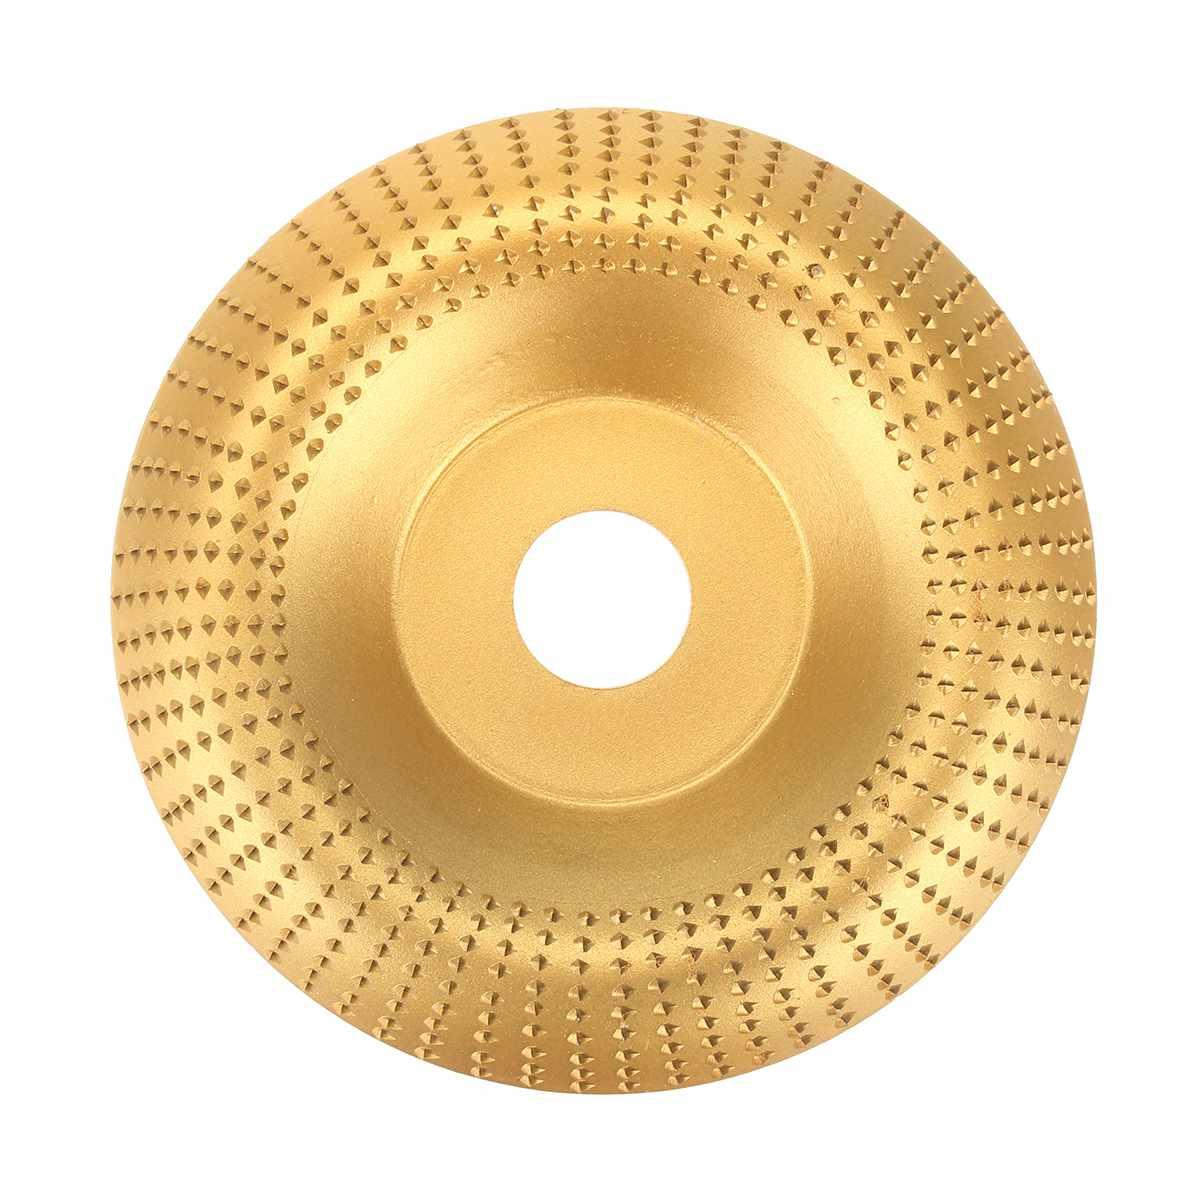 Шлифовальный диск из карбида вольфрама 125 мм, абразивный диск для колес, шлифовальный вращающийся инструмент для угловой шлифовки Шлифовальные круги      АлиЭкспресс